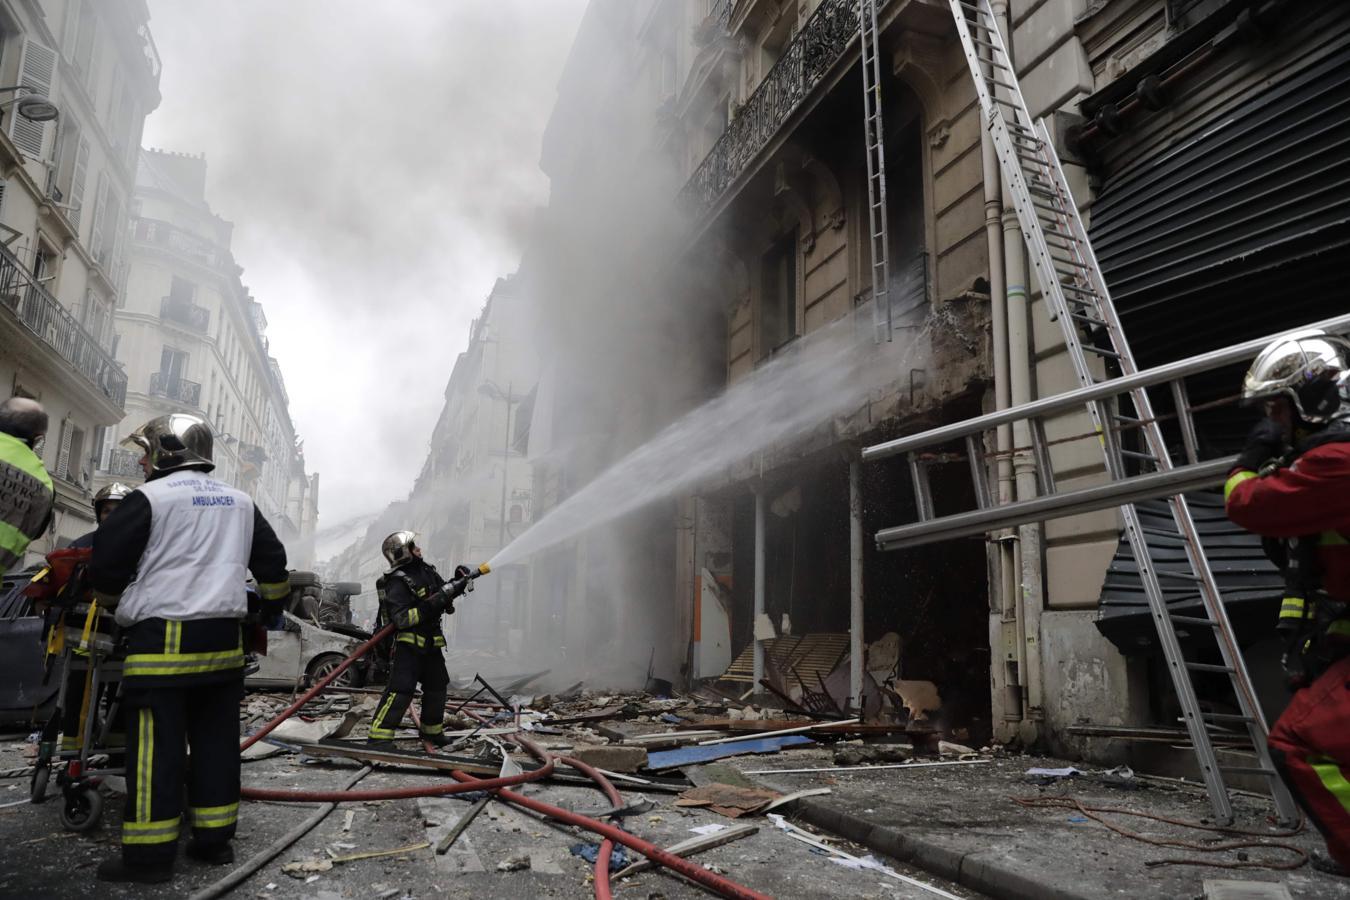 Los bomberos trabajan en la extinción del fuego de la panadería quemada en París